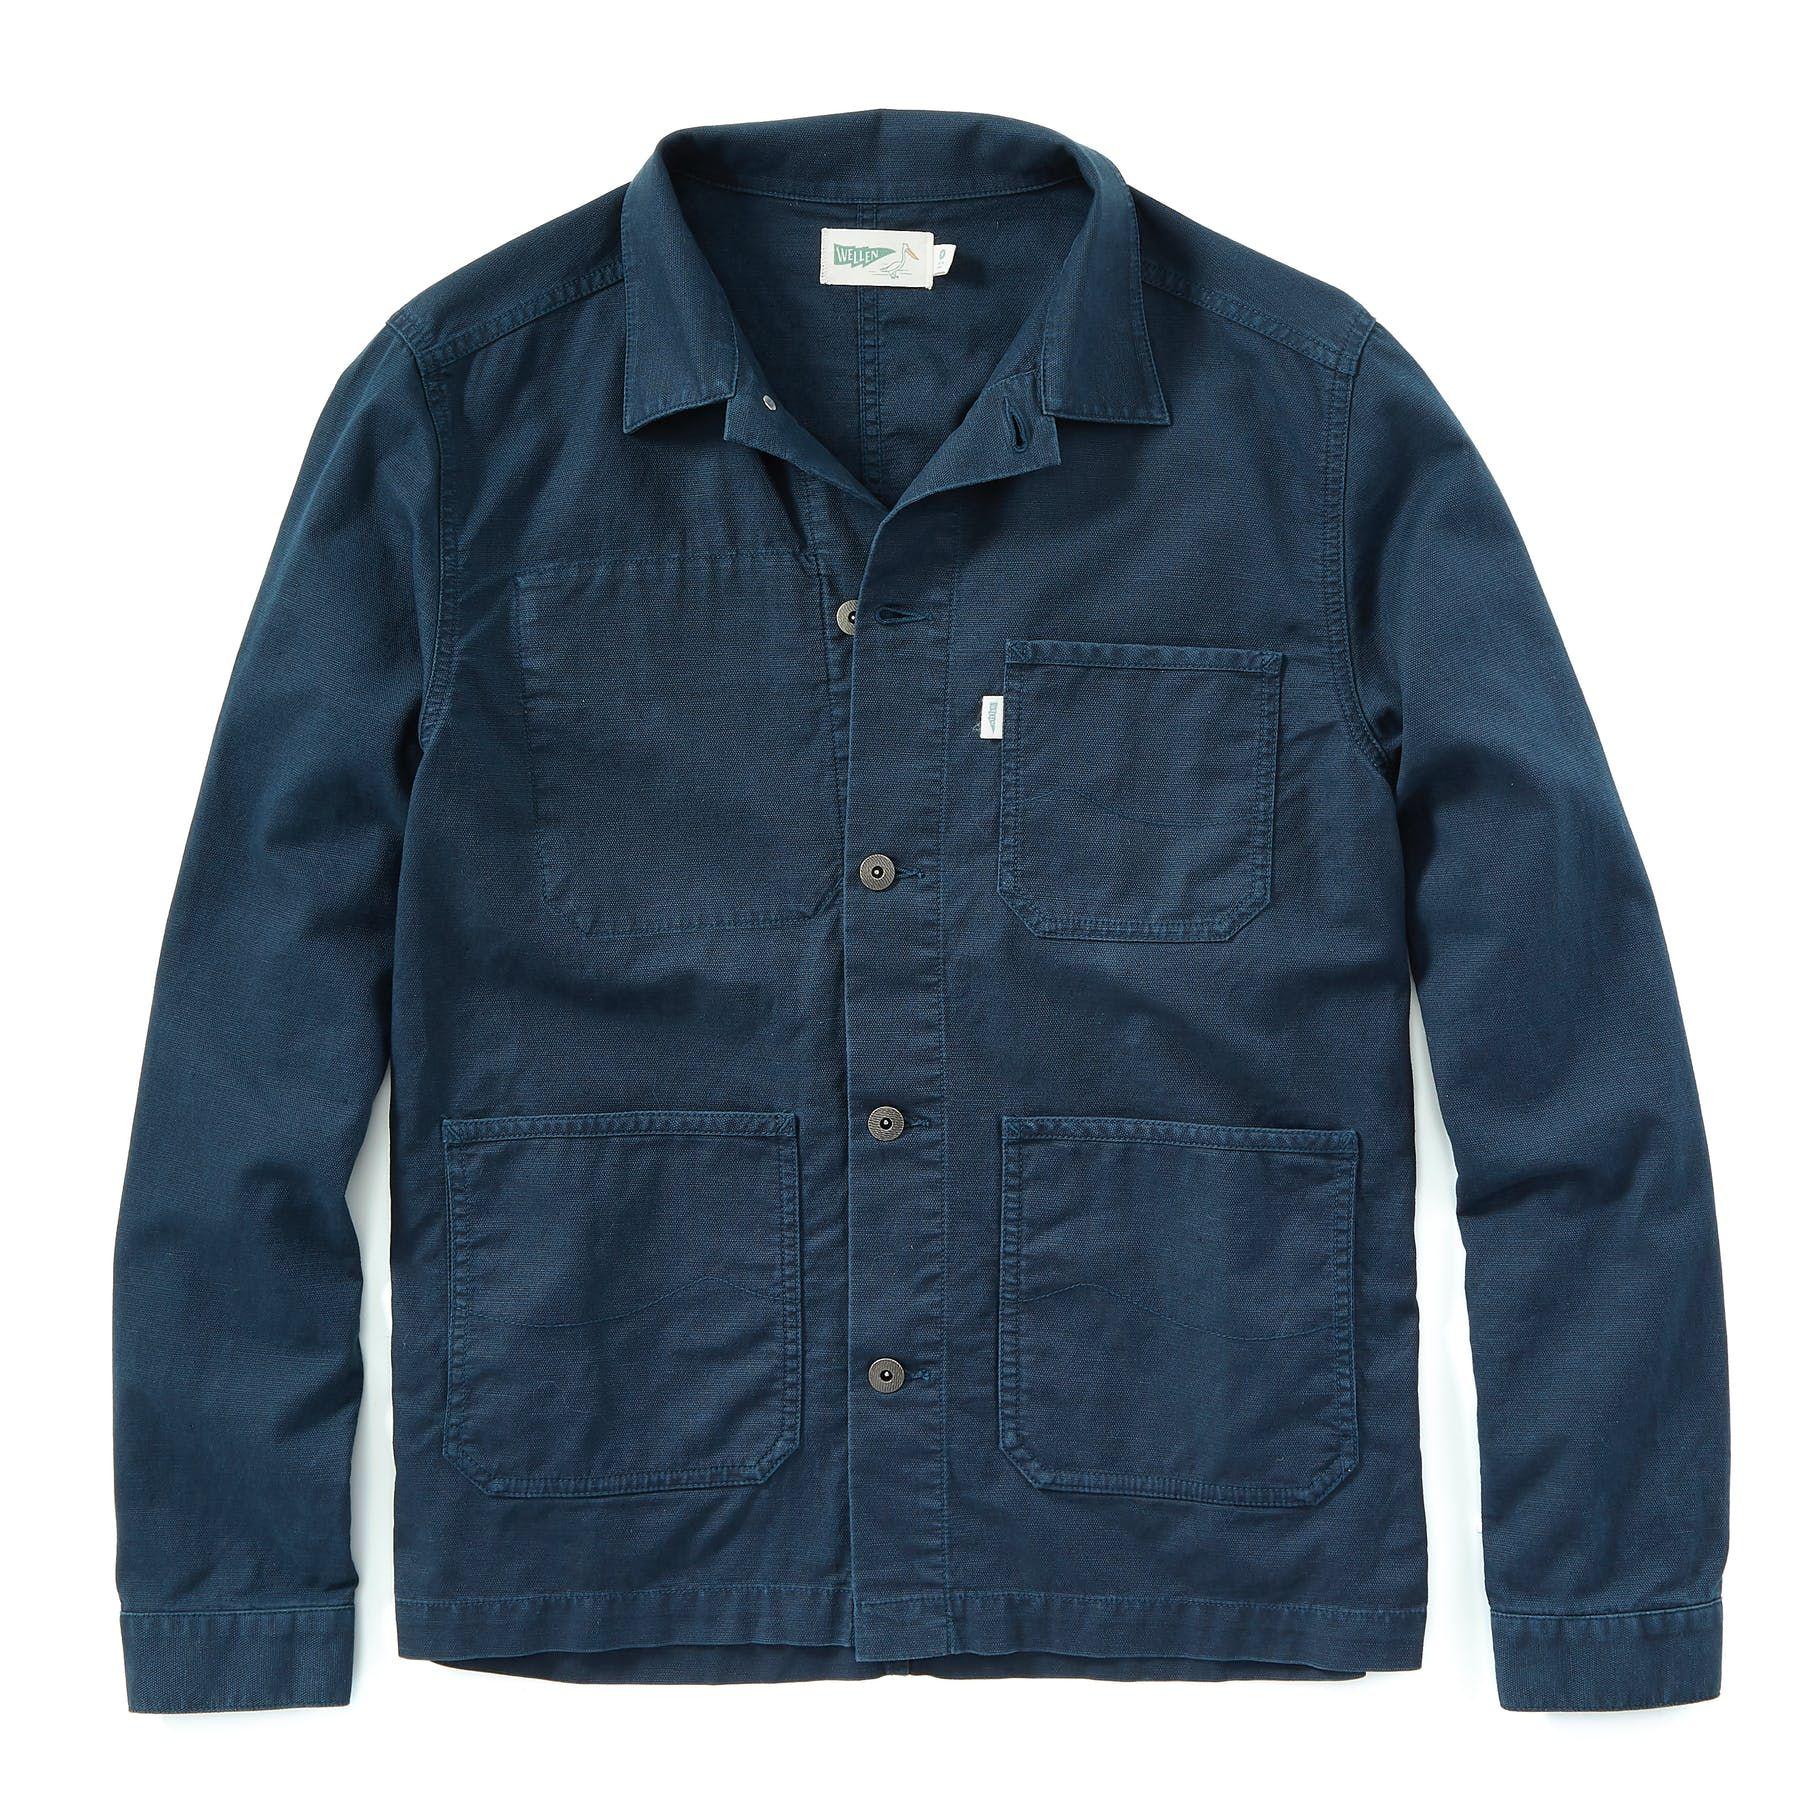 Stretch Chore Coat Off white jacket